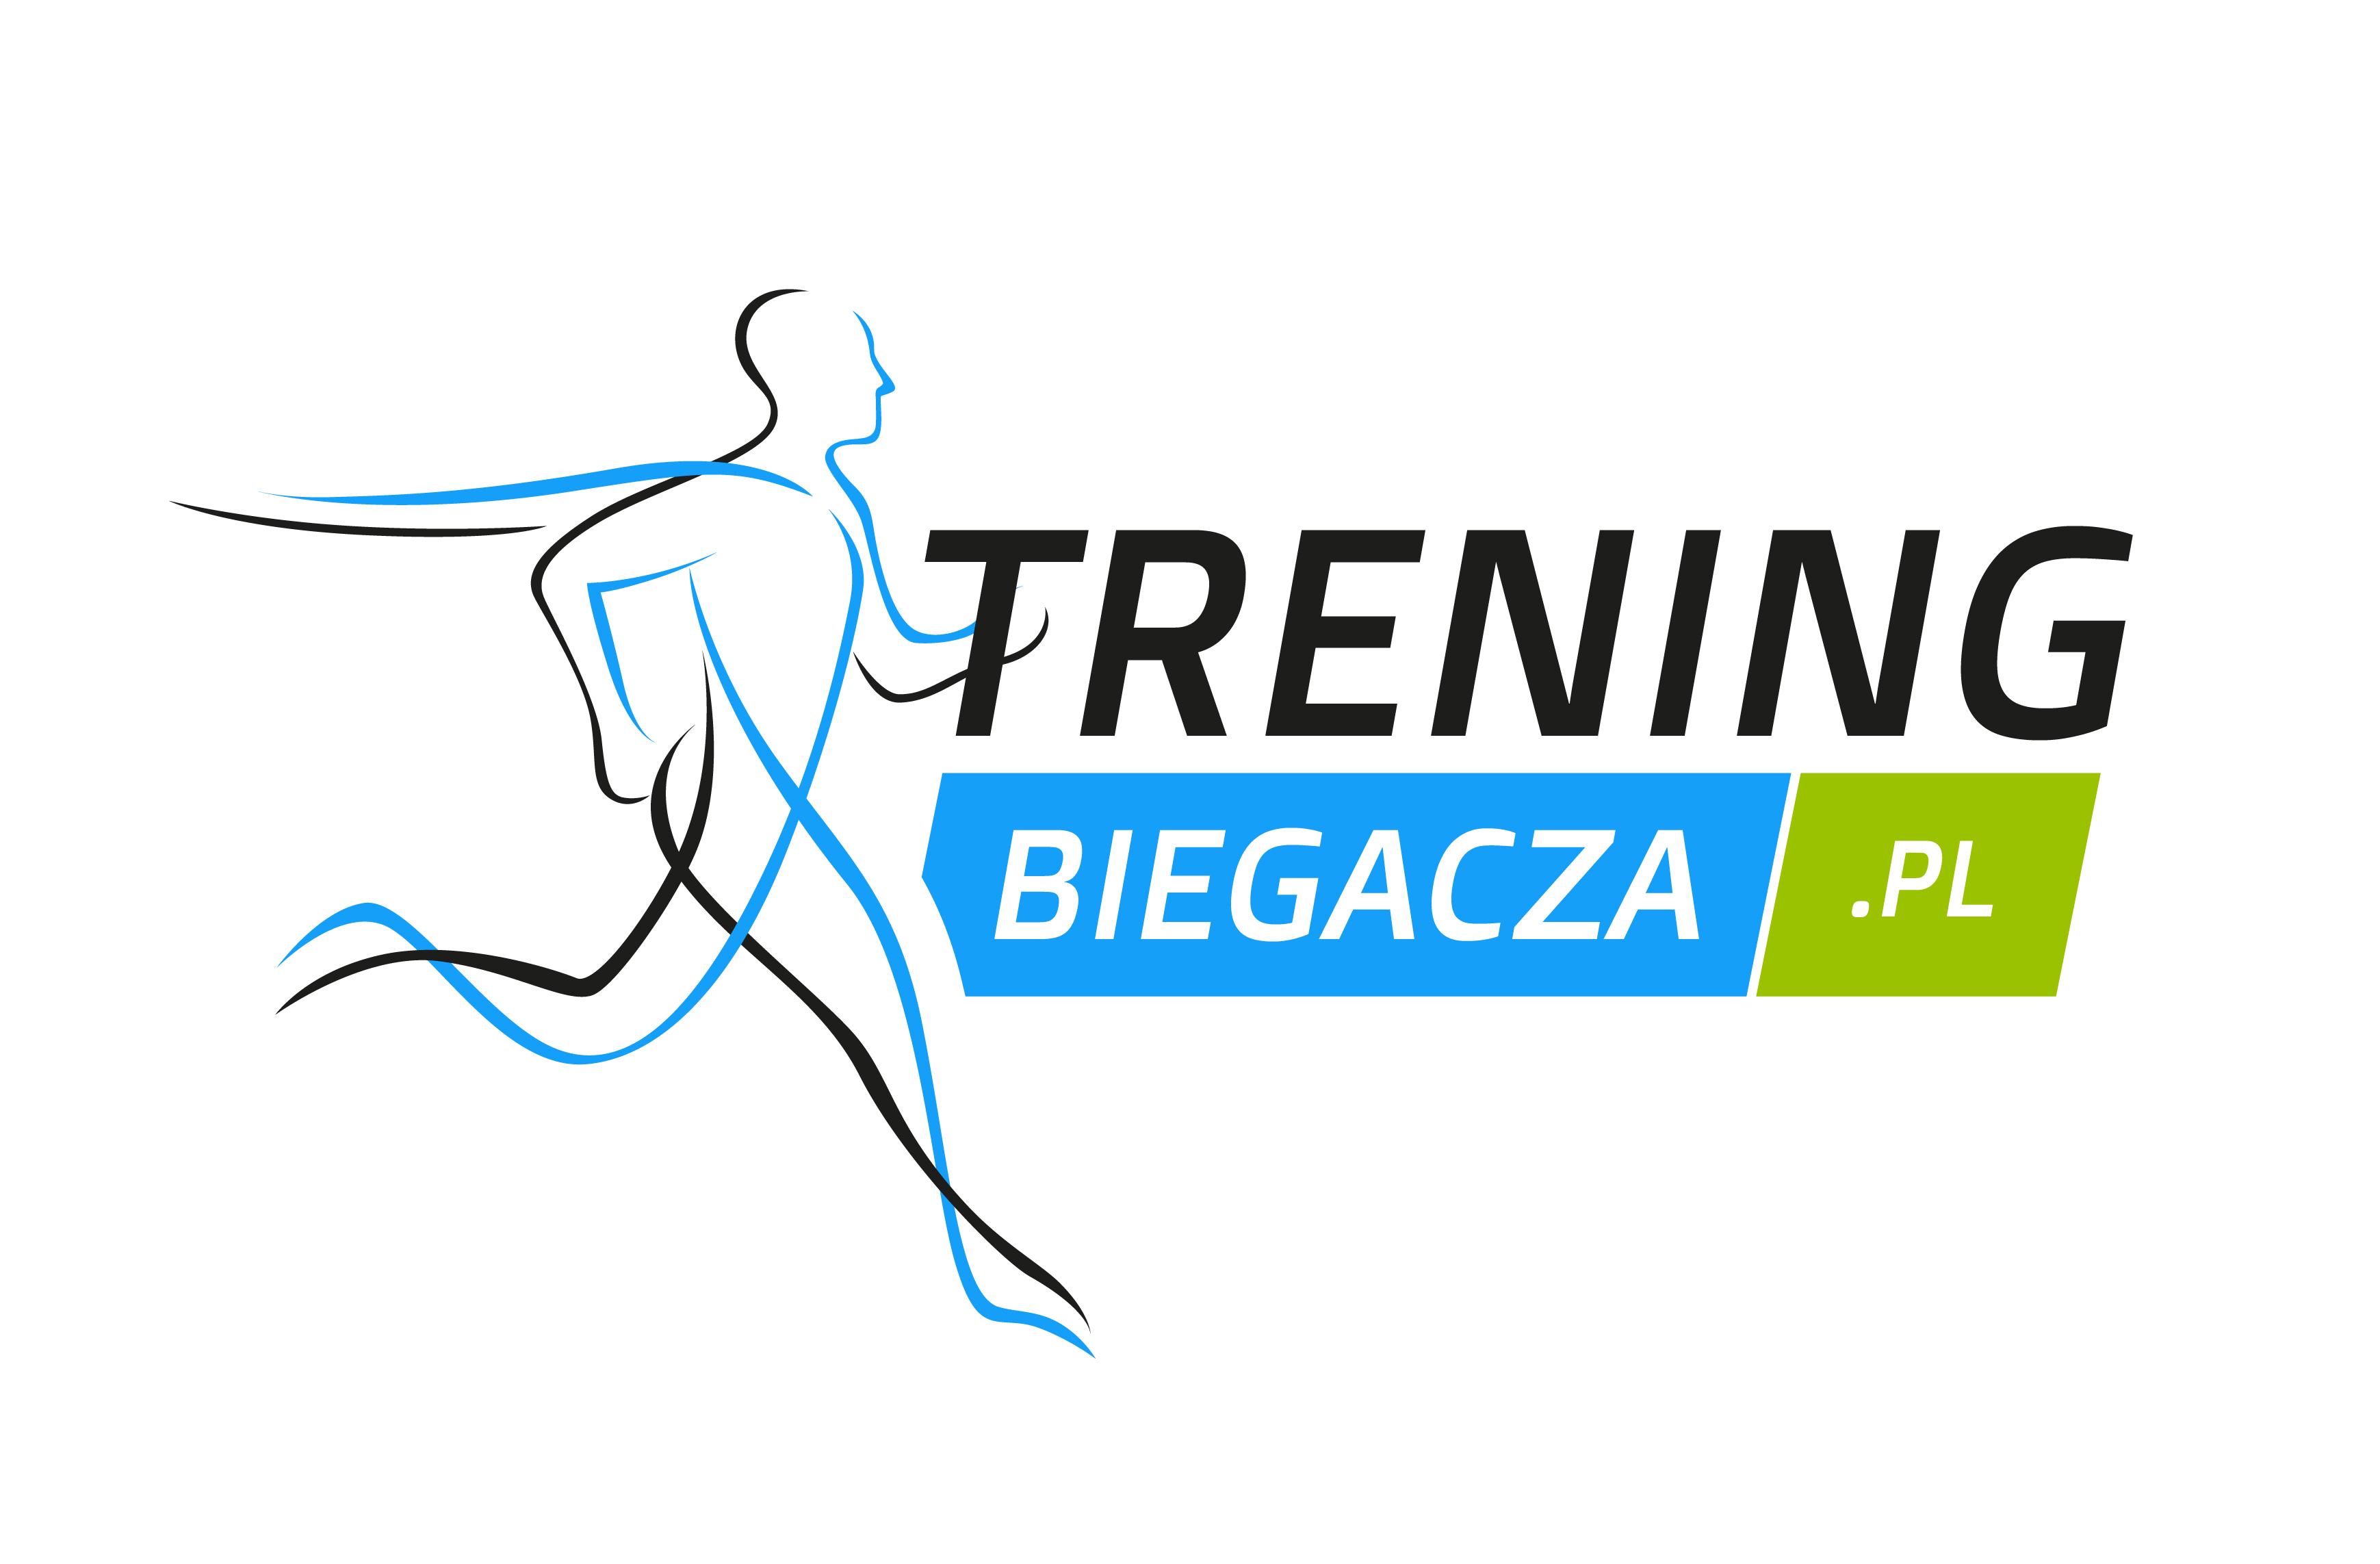 trening_biegacza_JPG